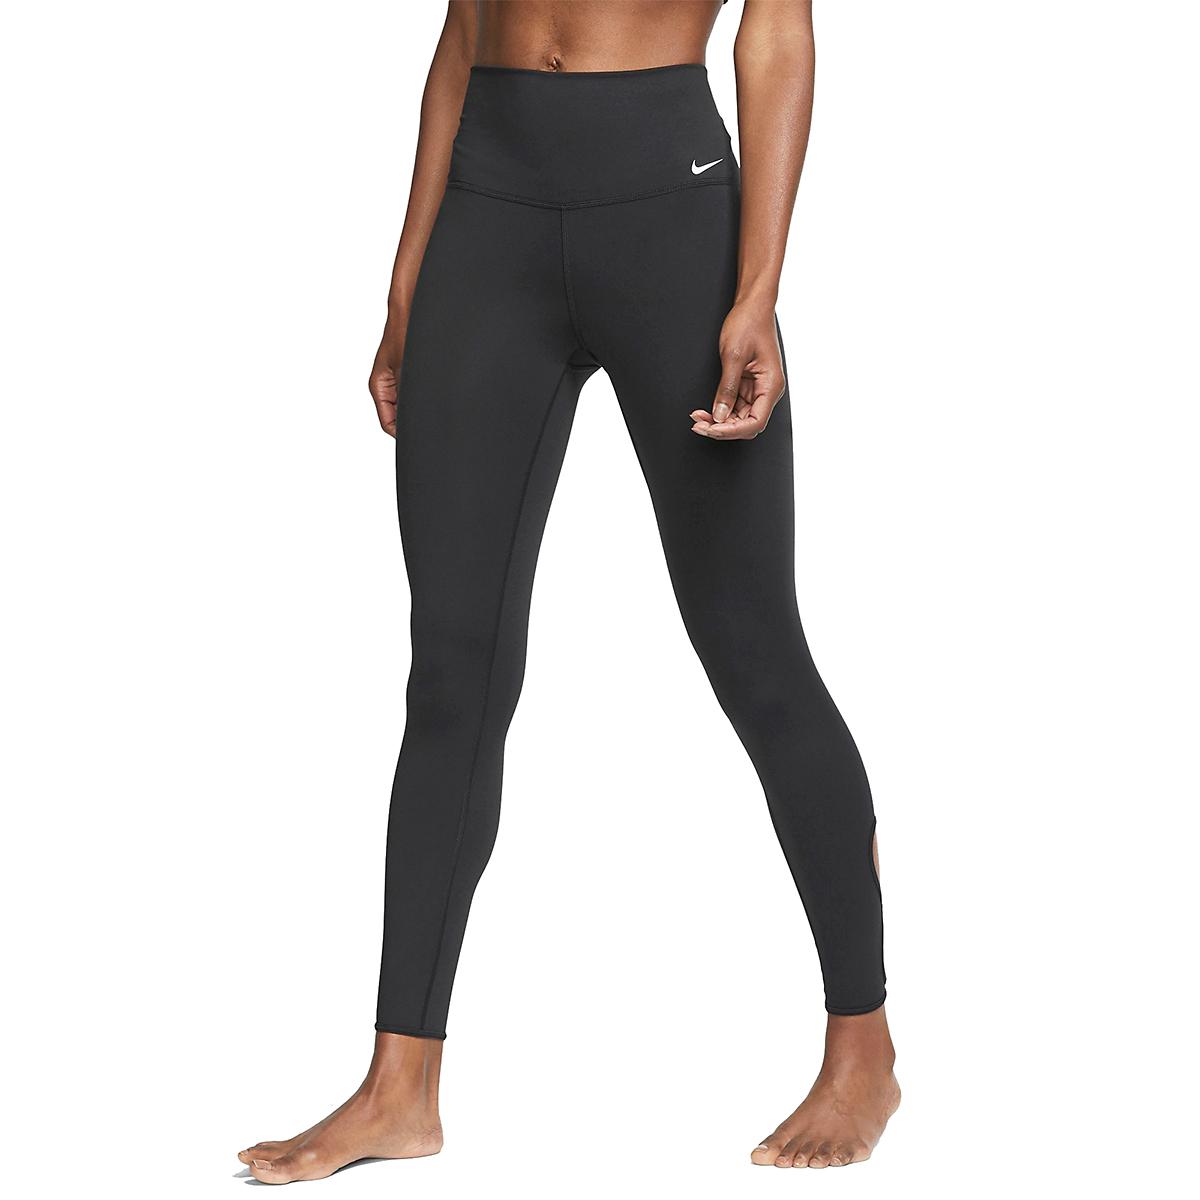 Women's Nike 7/8 Yoga Tight  - Color: Black/White - Size: XL, Black/White, large, image 1